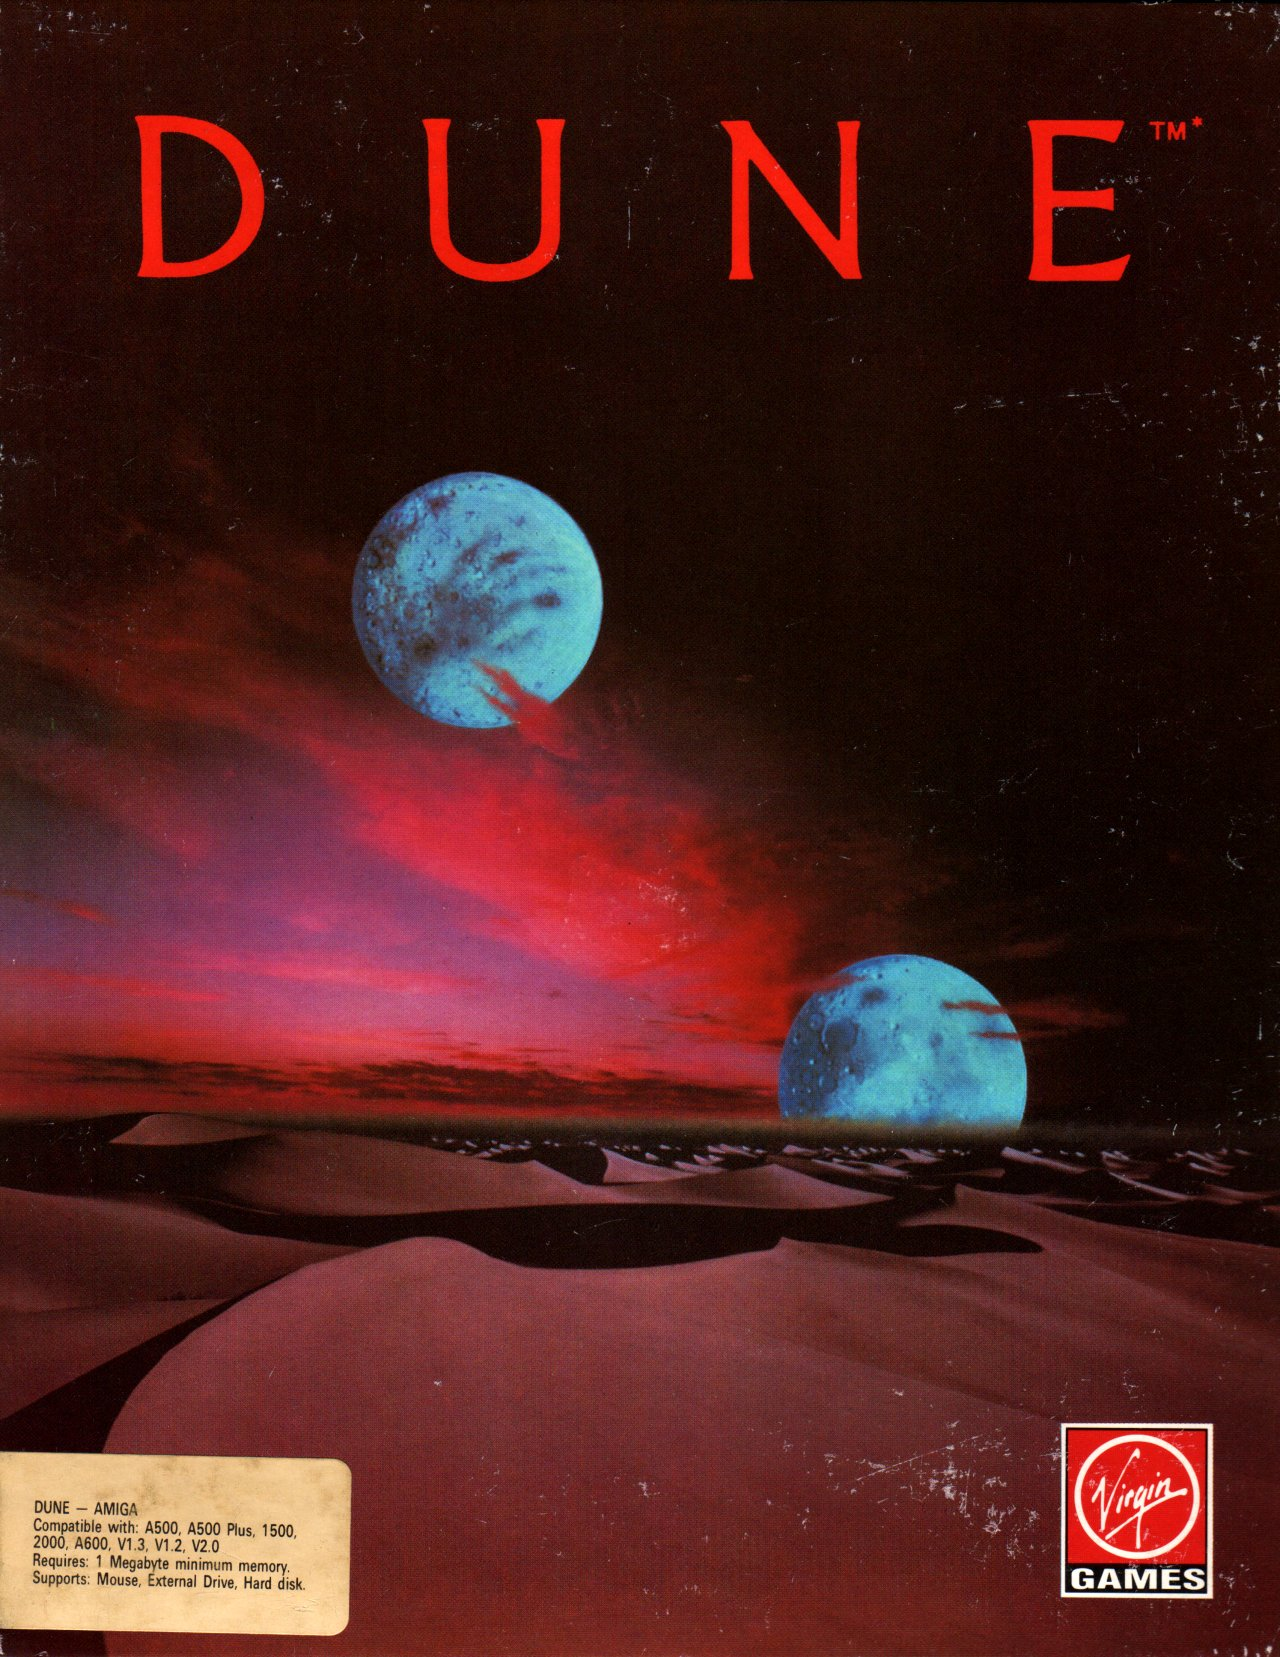 videogioco dune anni 90-